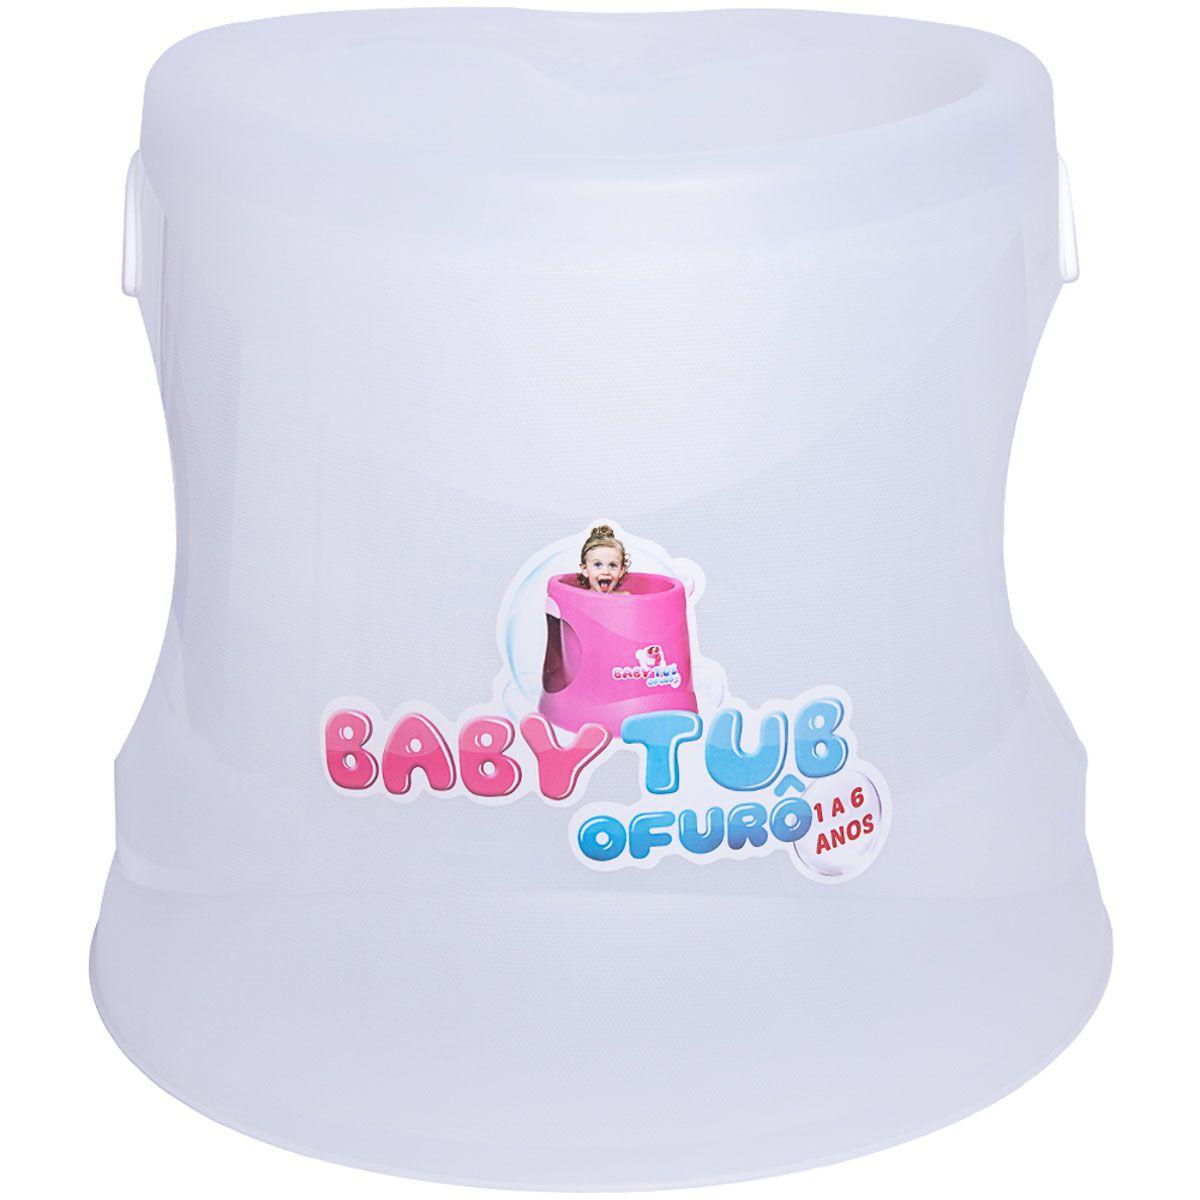 Banheira Ofurô Cristal Transparente - Baby Tub